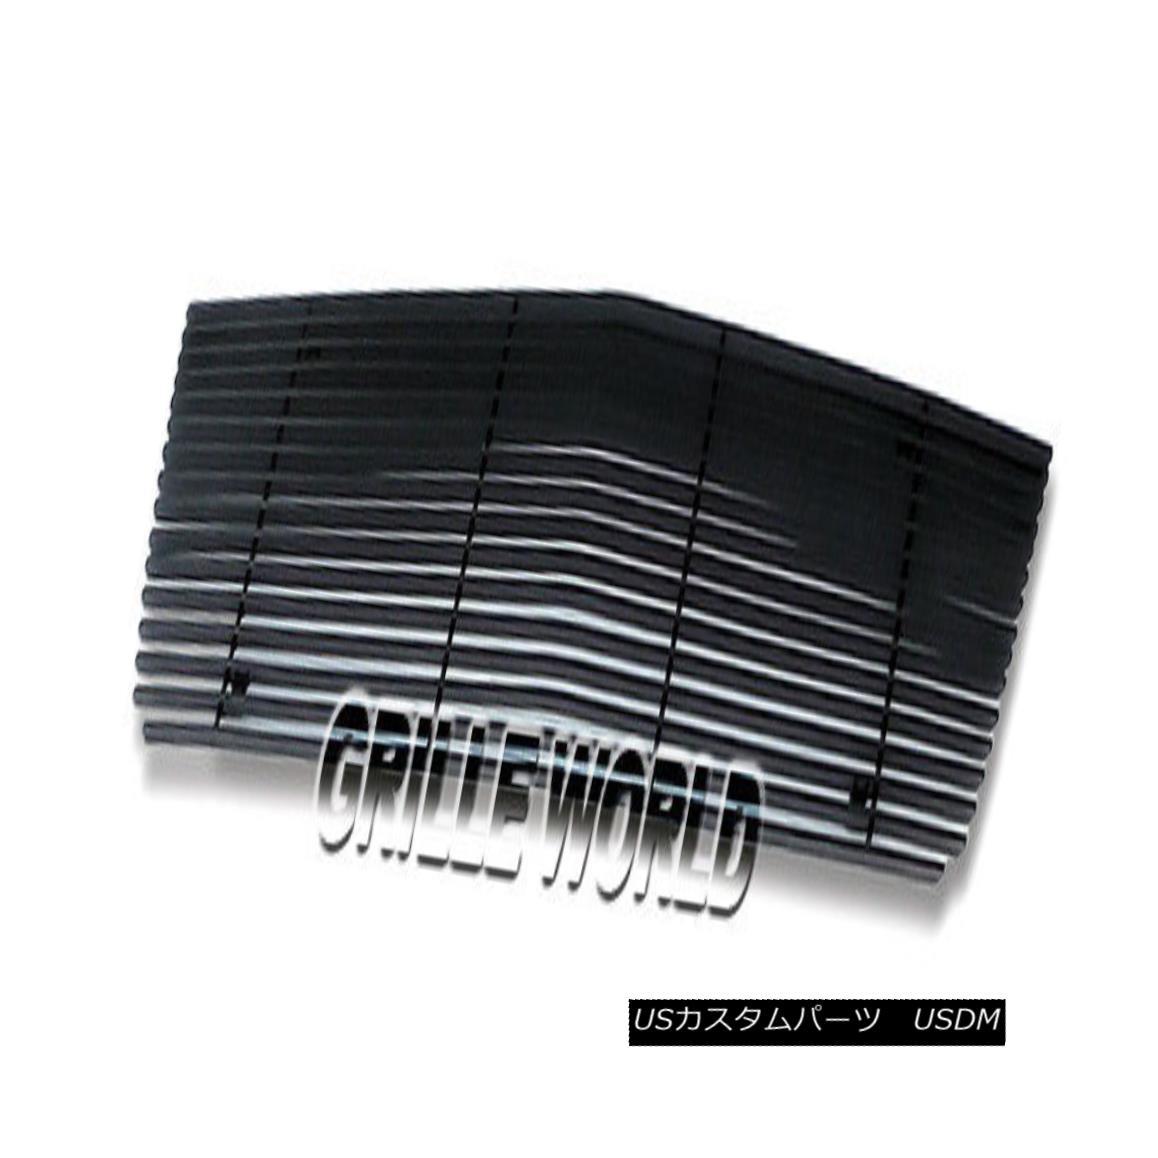 グリル Customized For 06-07 Ford Explorer Black Billet Premium Grille Insert フォードエクスプローラーブラックビレットプレミアムグリルインサート